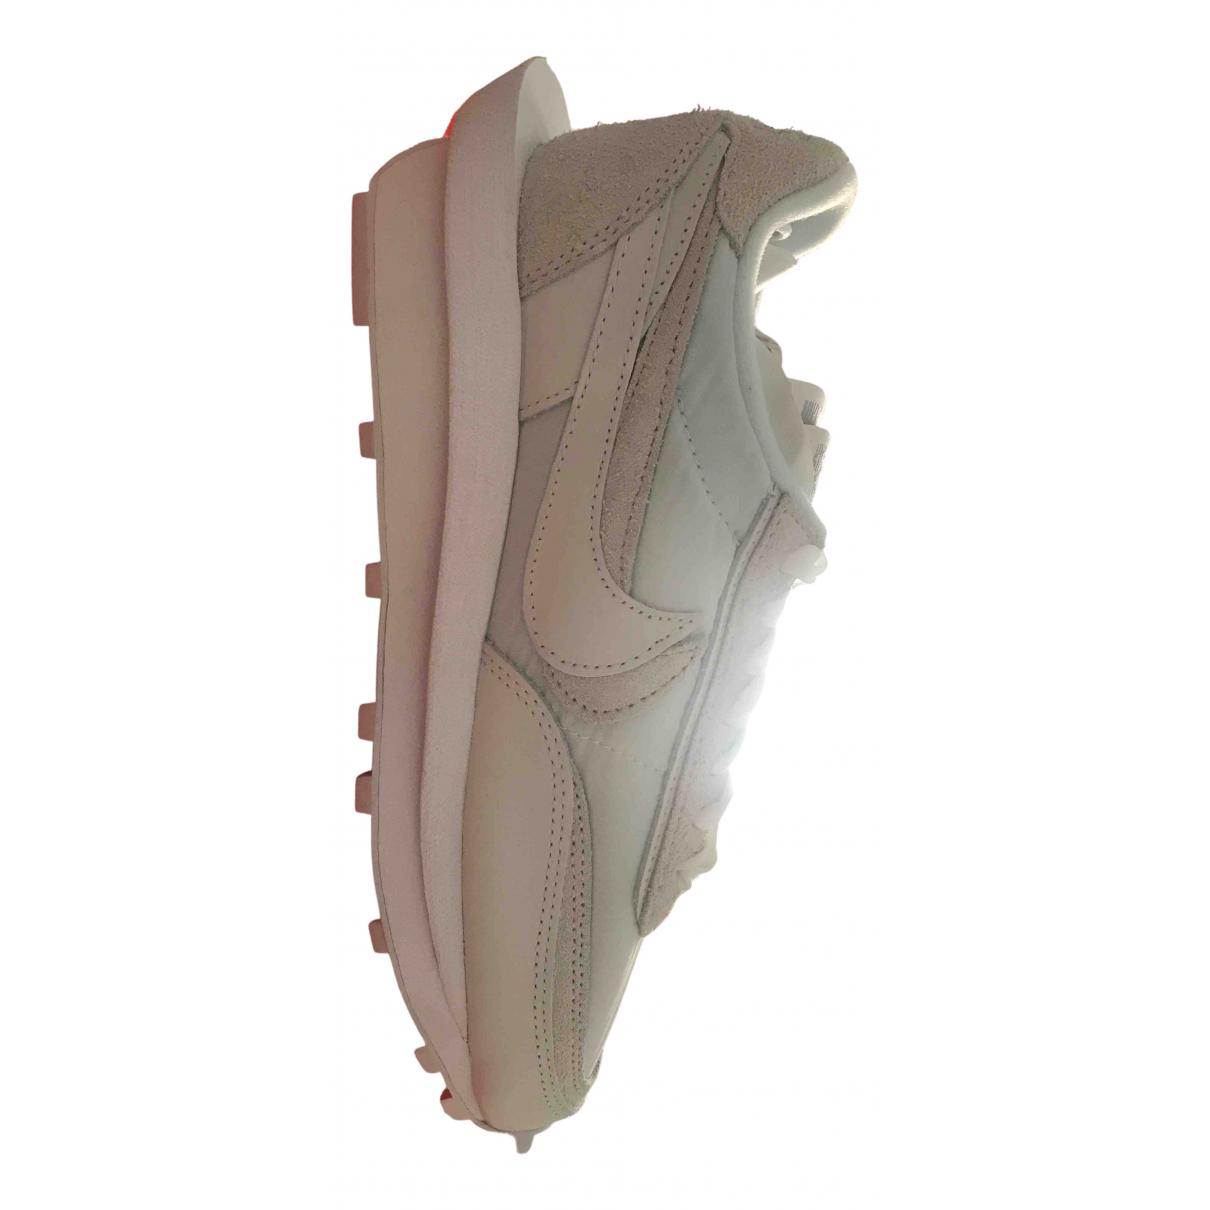 Nike X Sacai - Baskets LDV Waffle pour homme en toile - blanc